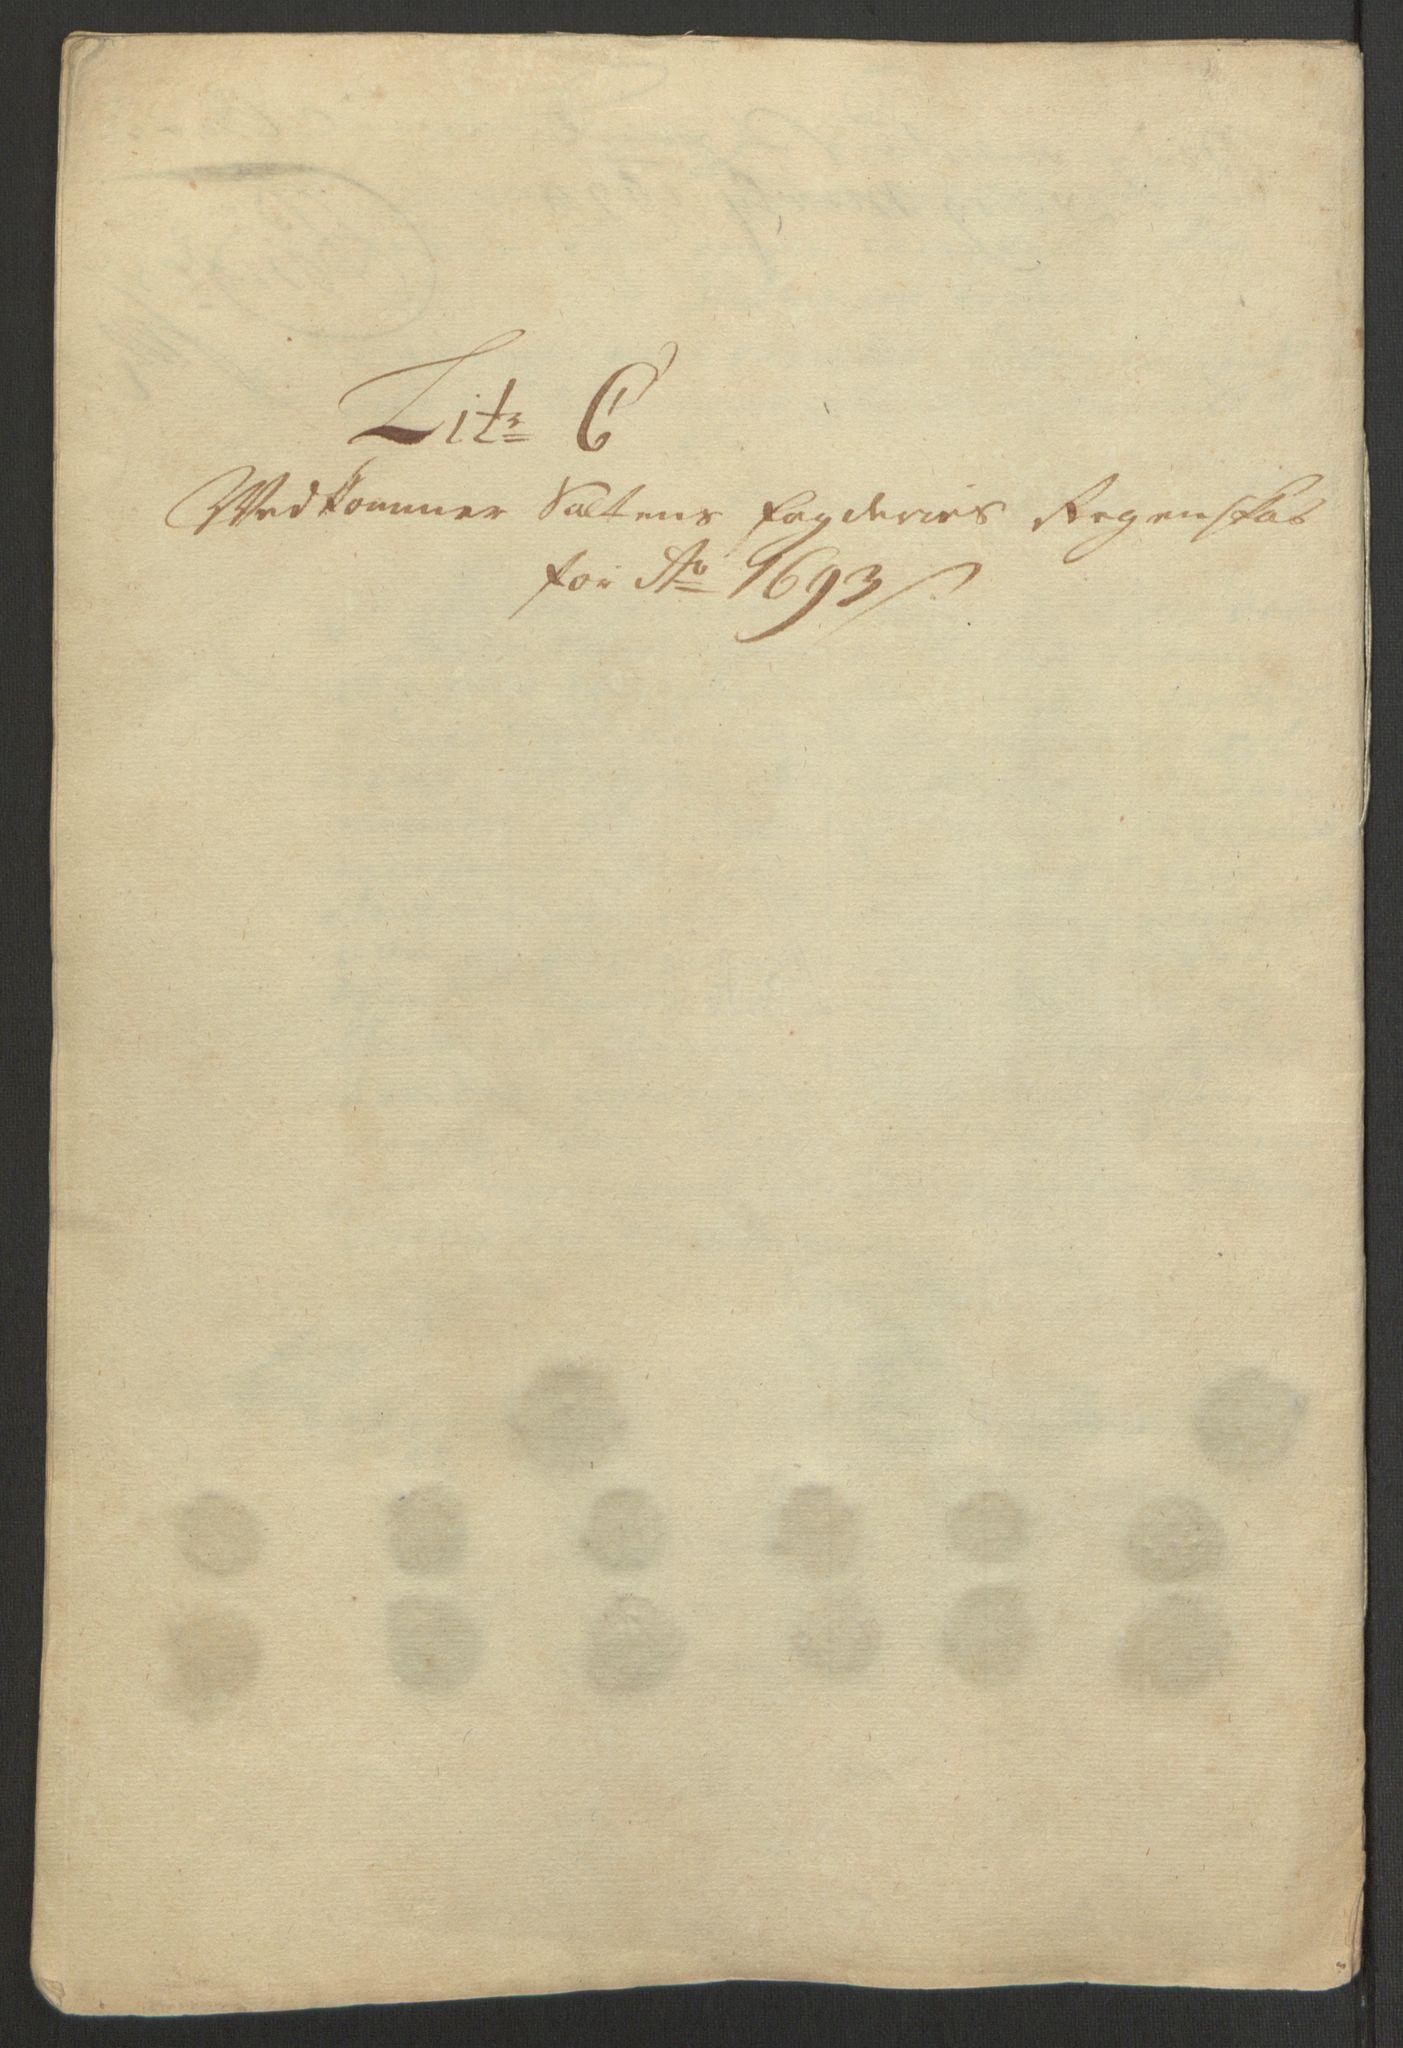 RA, Rentekammeret inntil 1814, Reviderte regnskaper, Fogderegnskap, R66/L4577: Fogderegnskap Salten, 1691-1693, s. 304